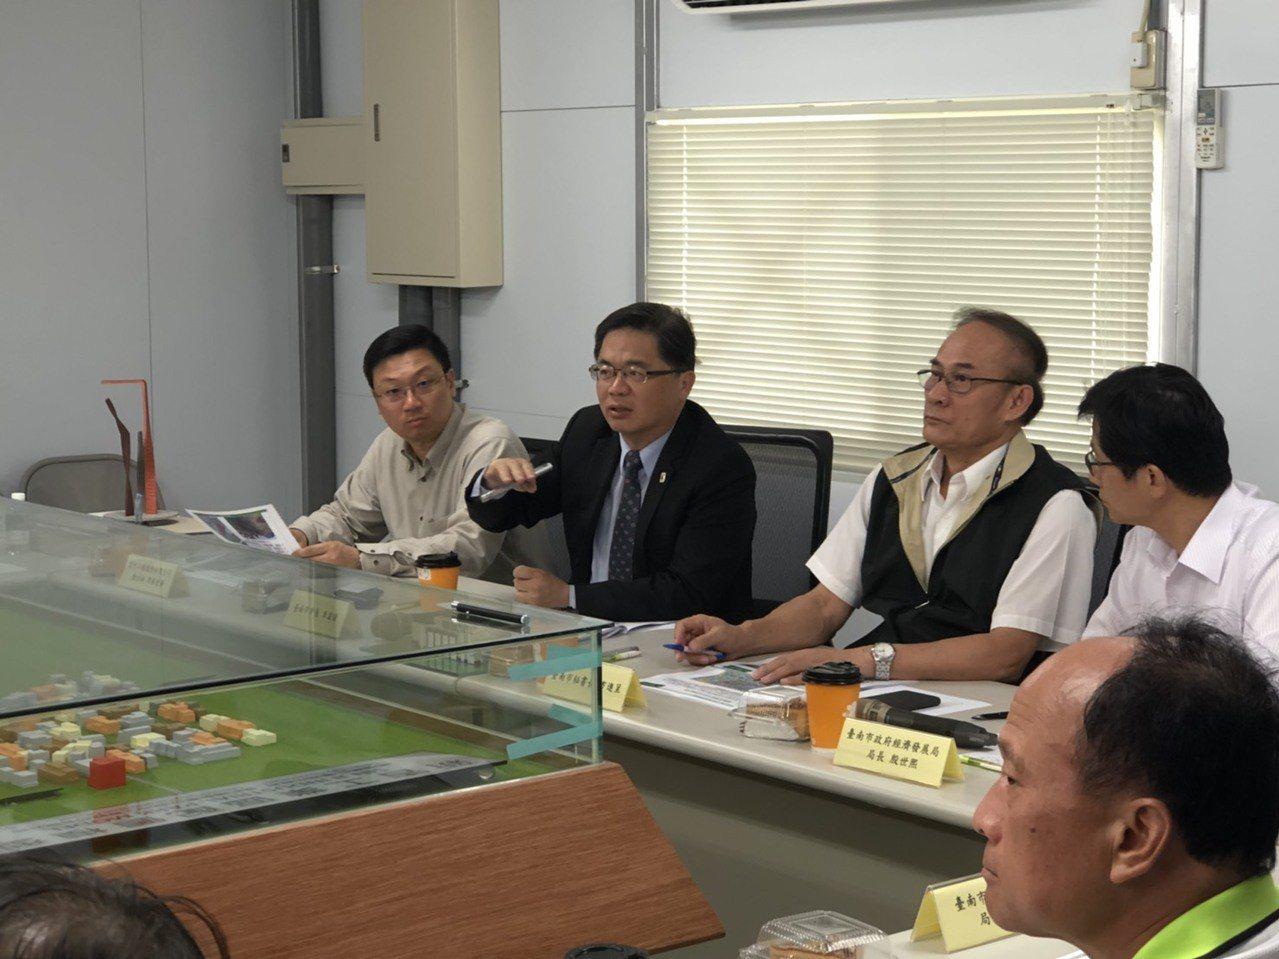 台南市代理市長李孟諺(左二)了解新吉工業區進度。圖/台南市經濟發展局提供